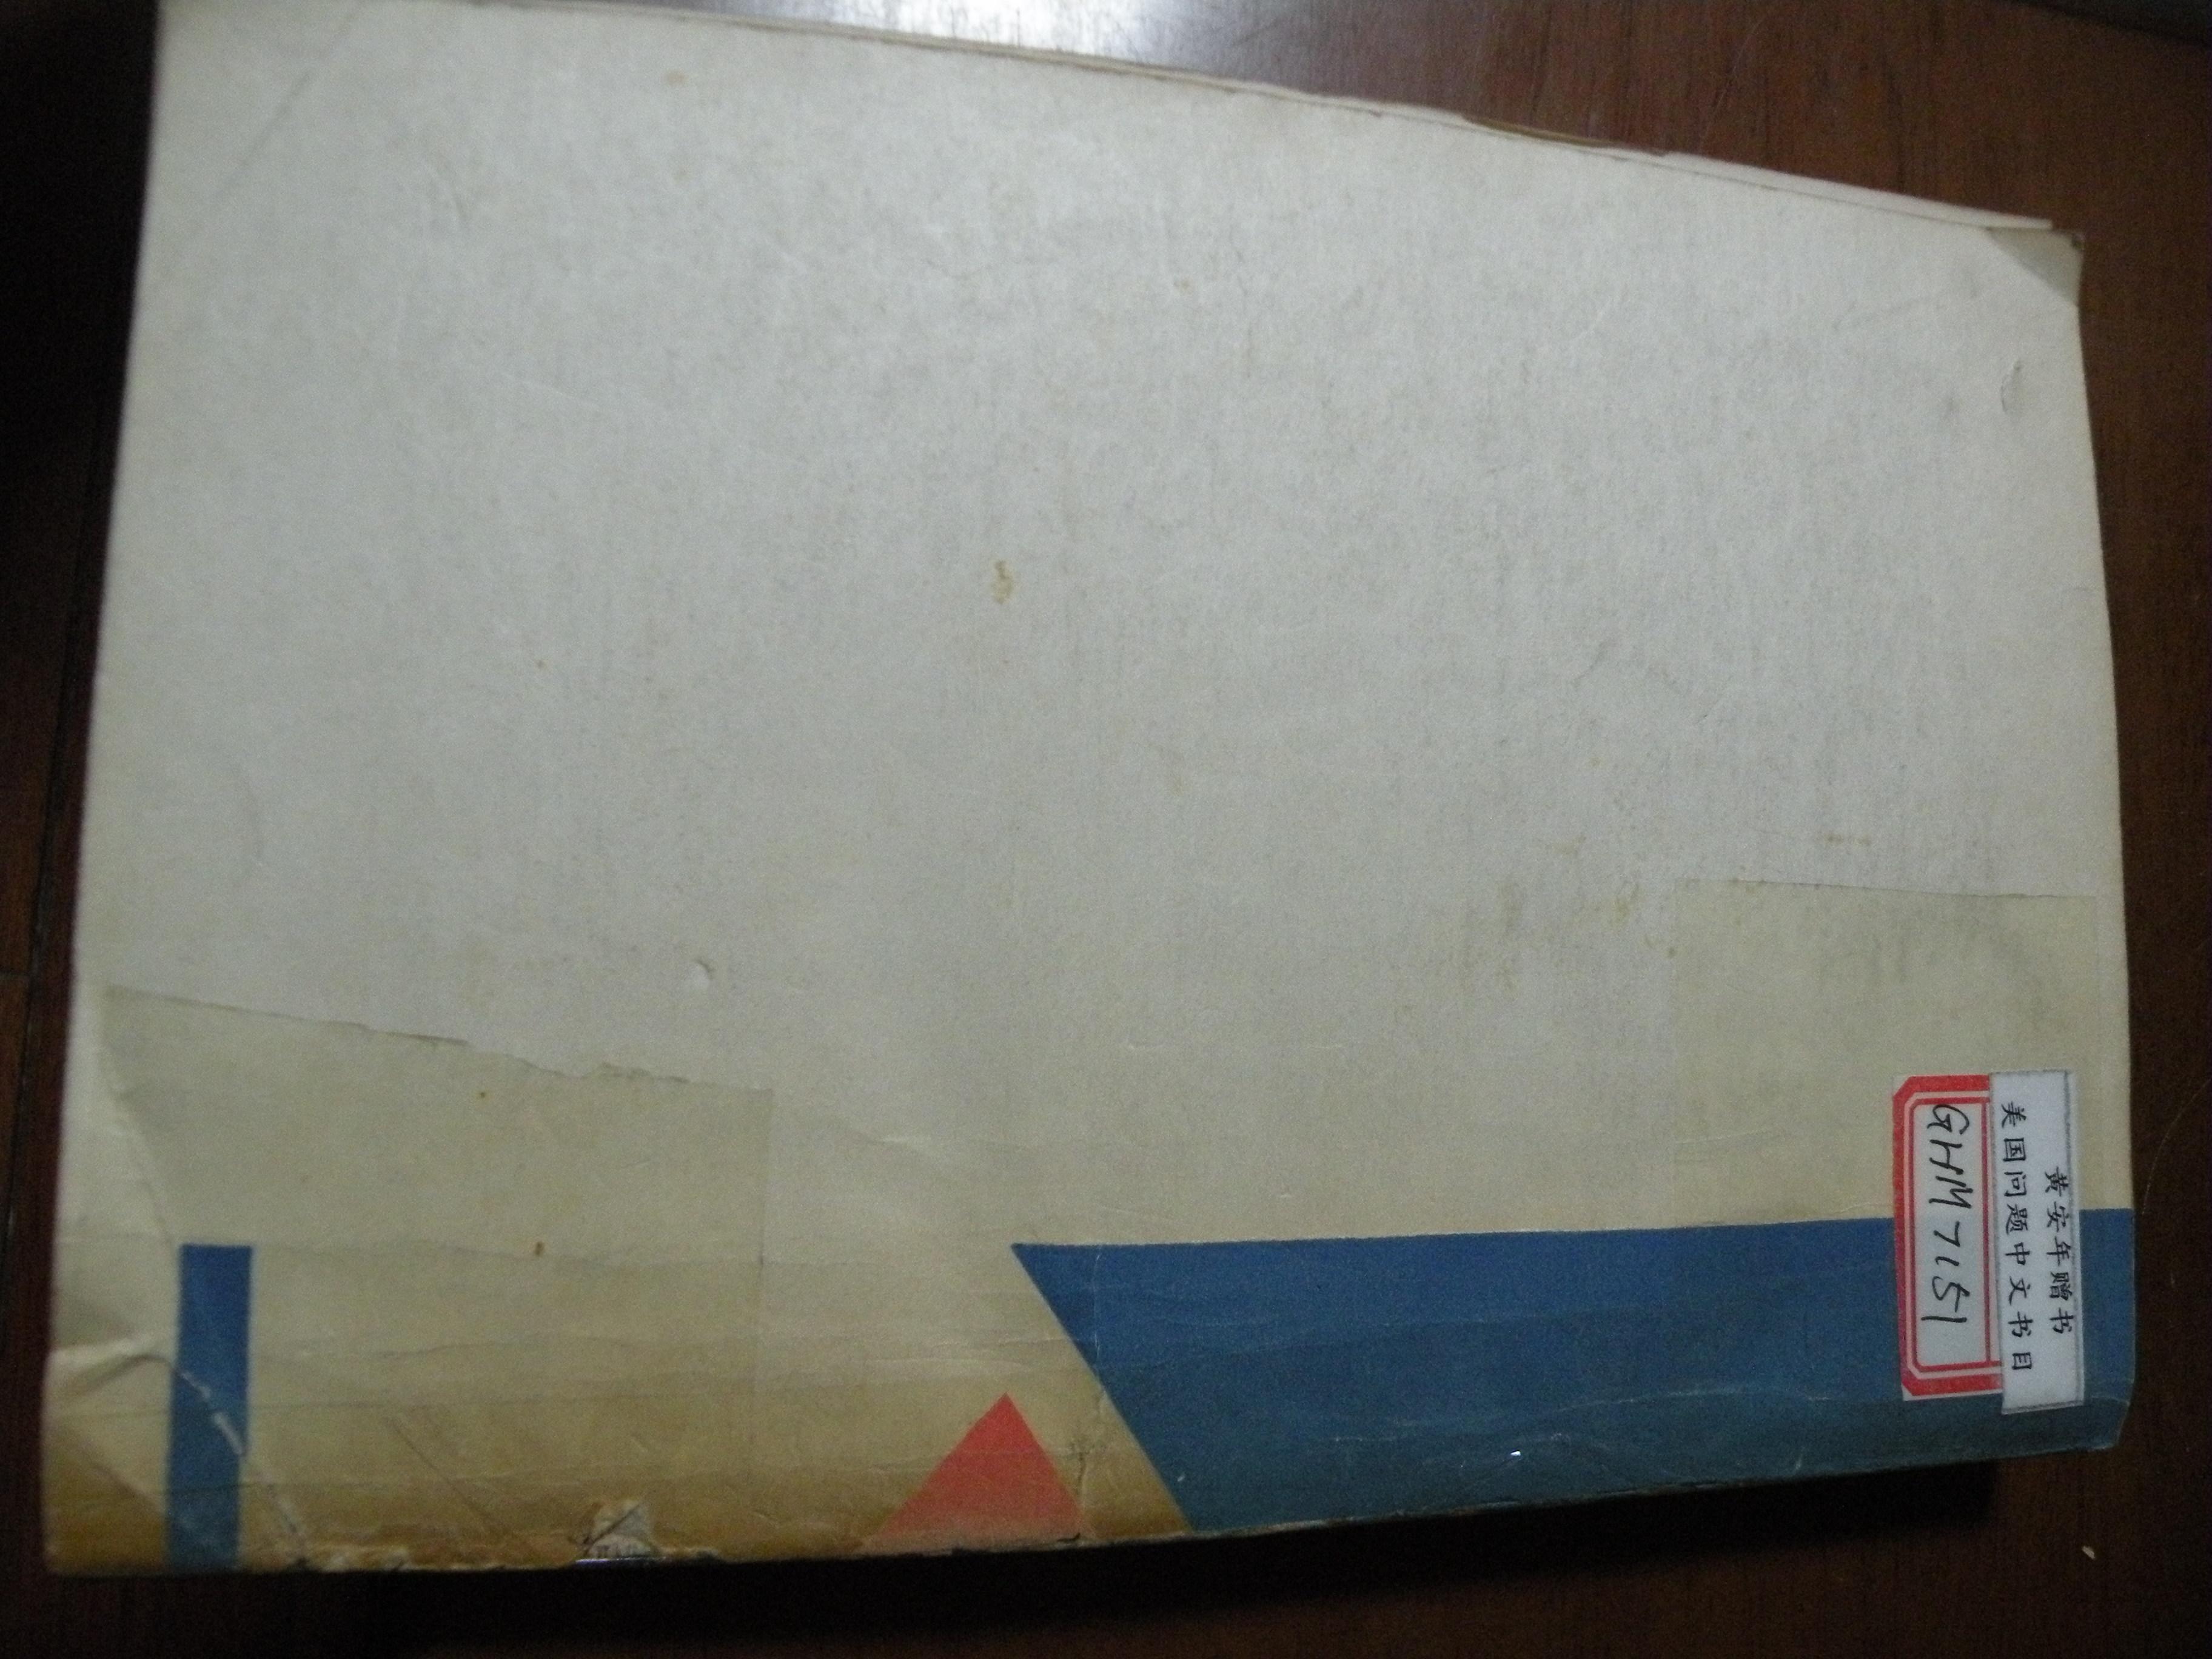 DSCN7898.JPG